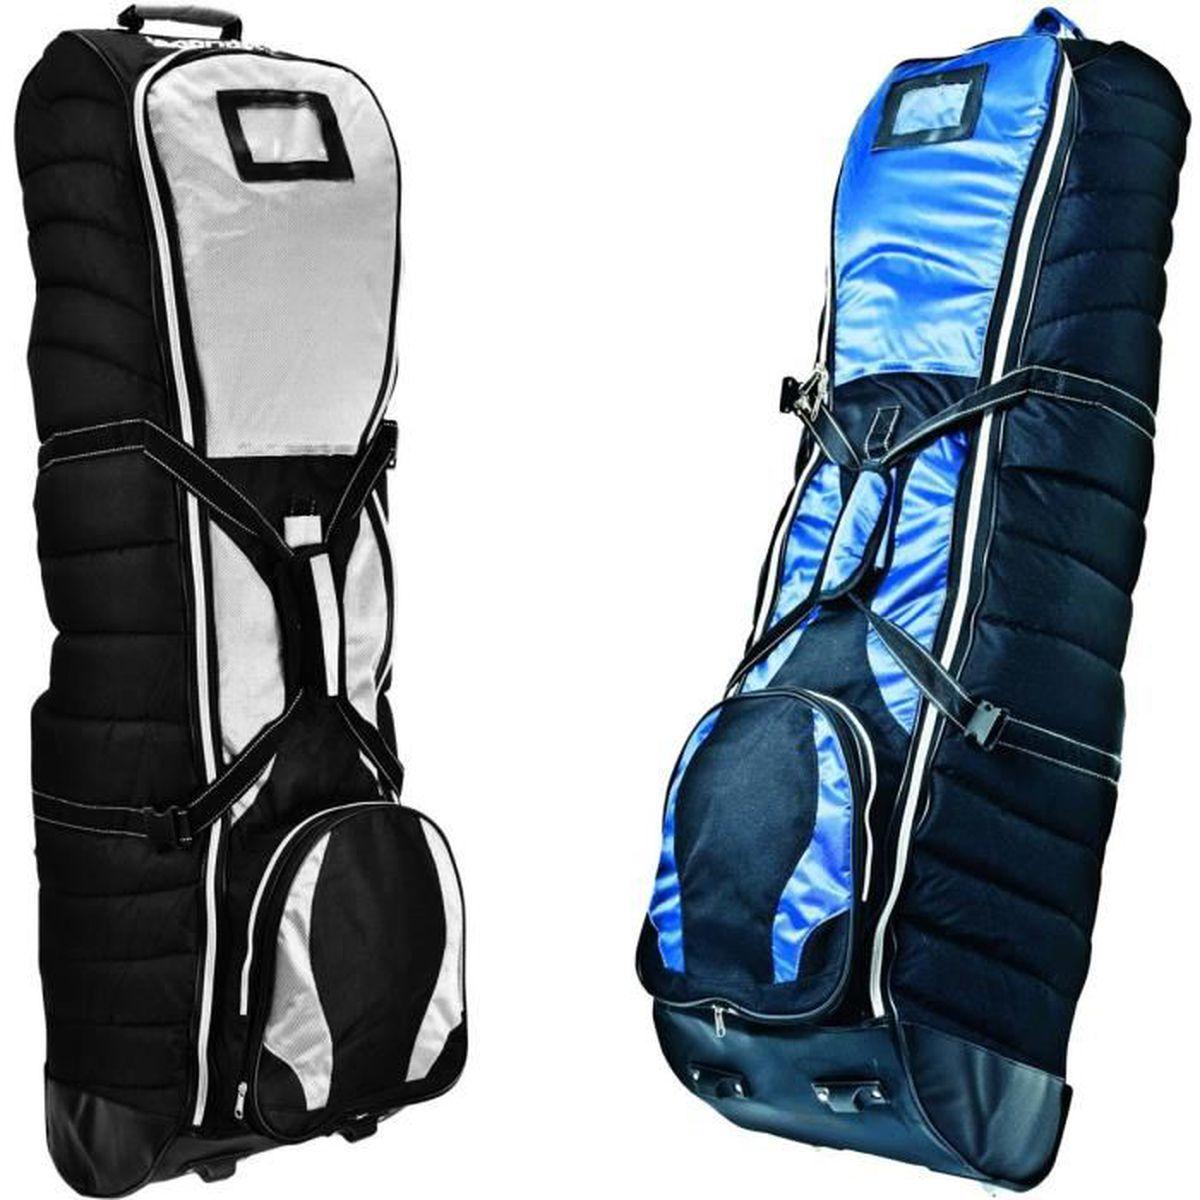 c9f99893c3 Serie de golf - Achat / Vente pas cher